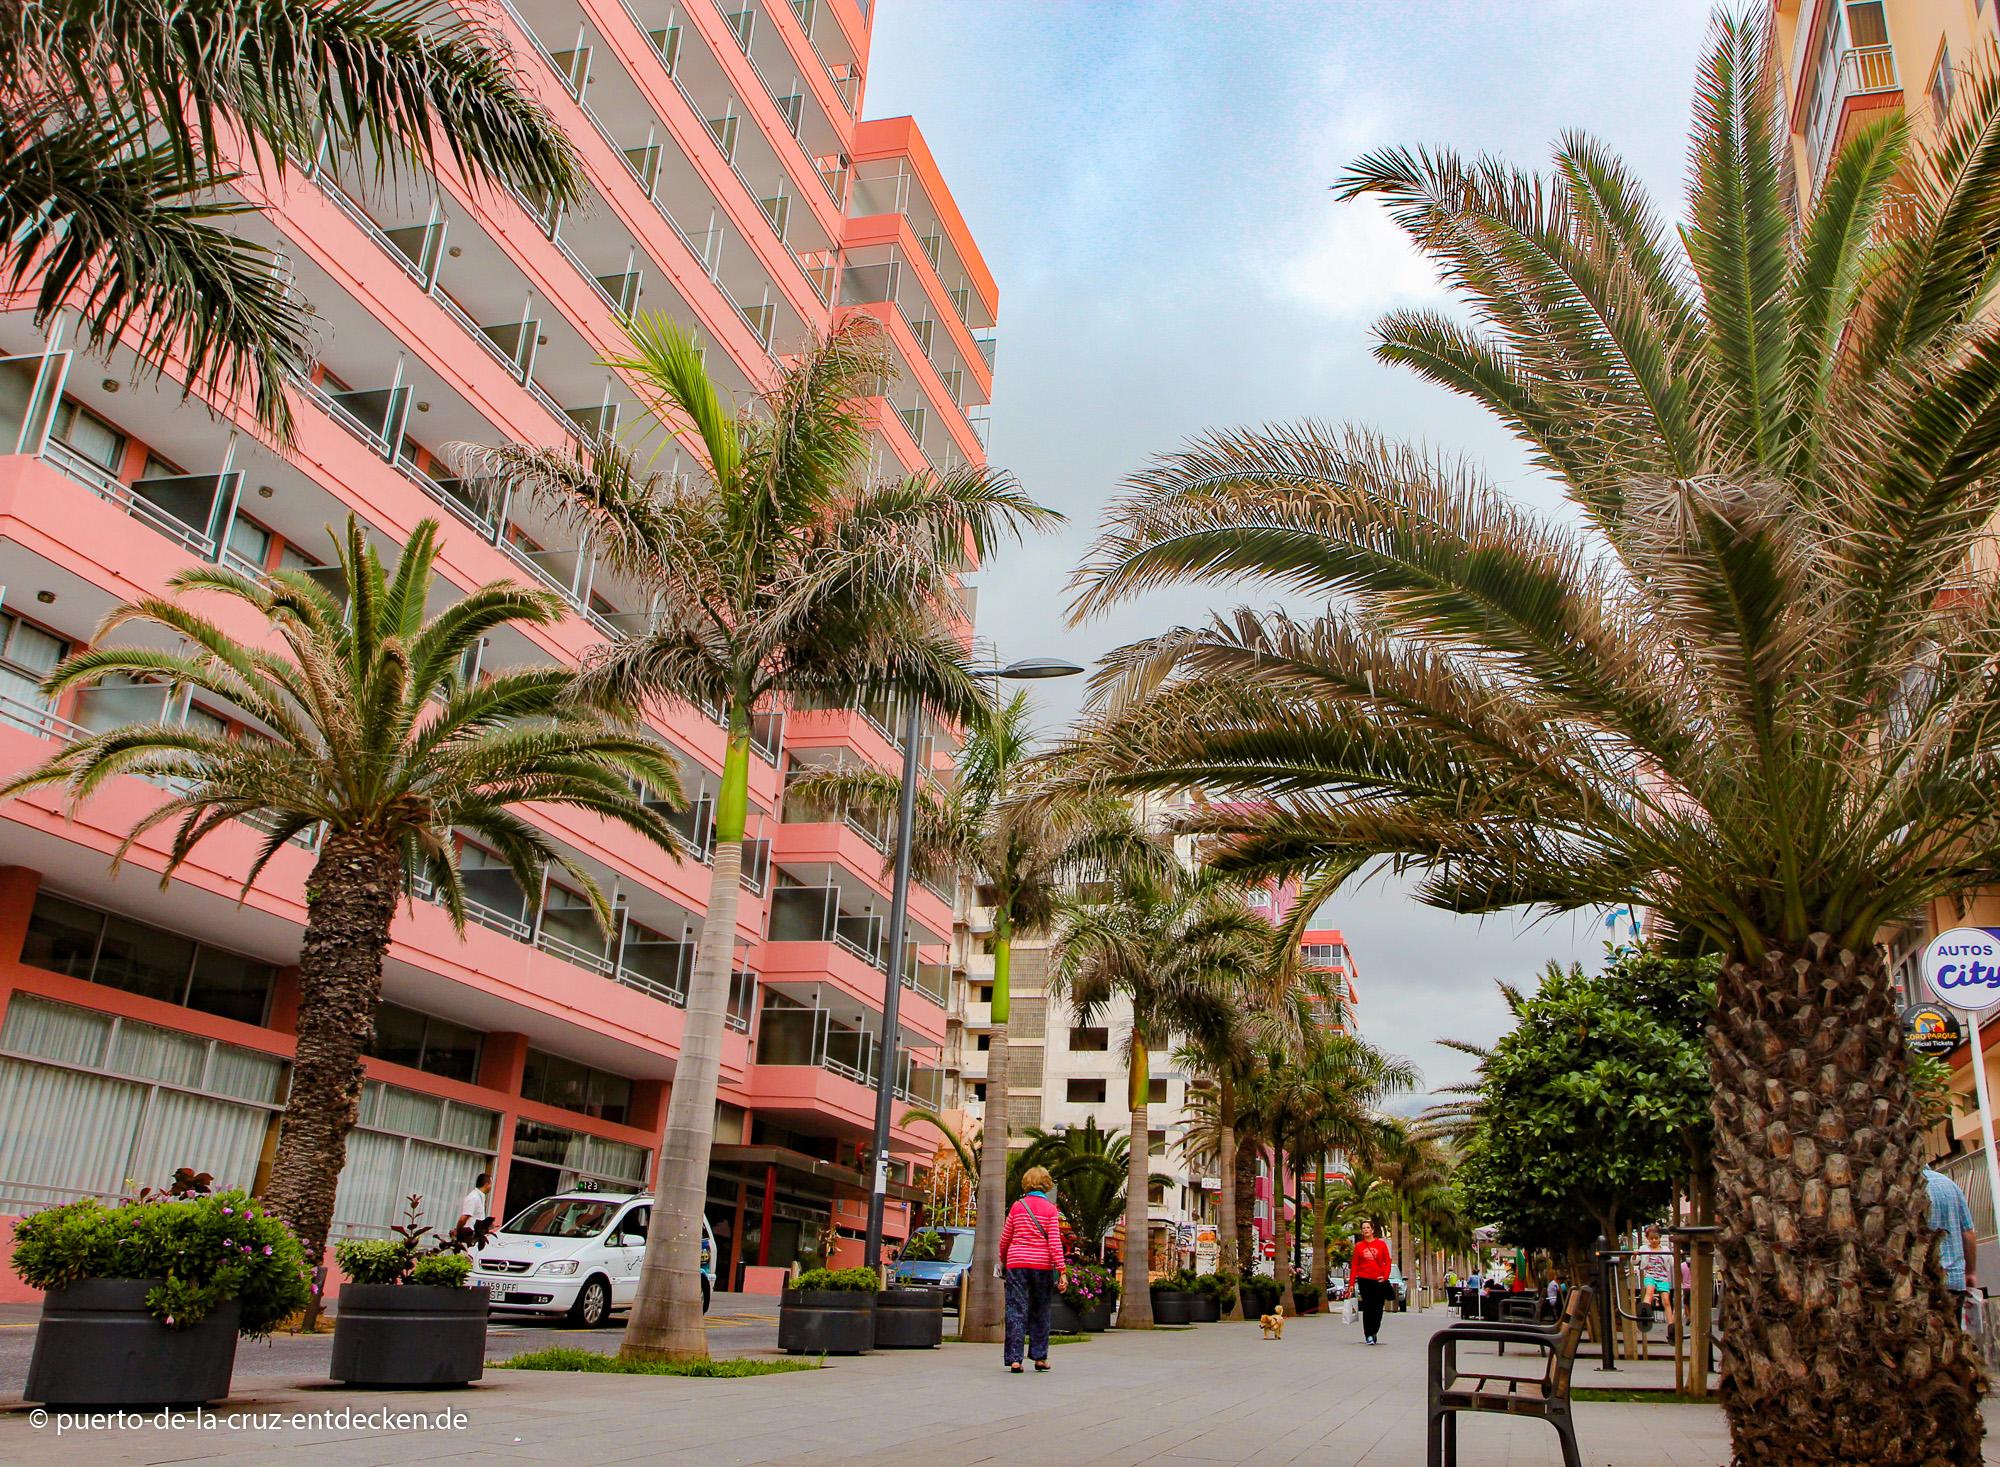 Die Avenida Colón ist die Vorzeige-Promenade der Stadt.